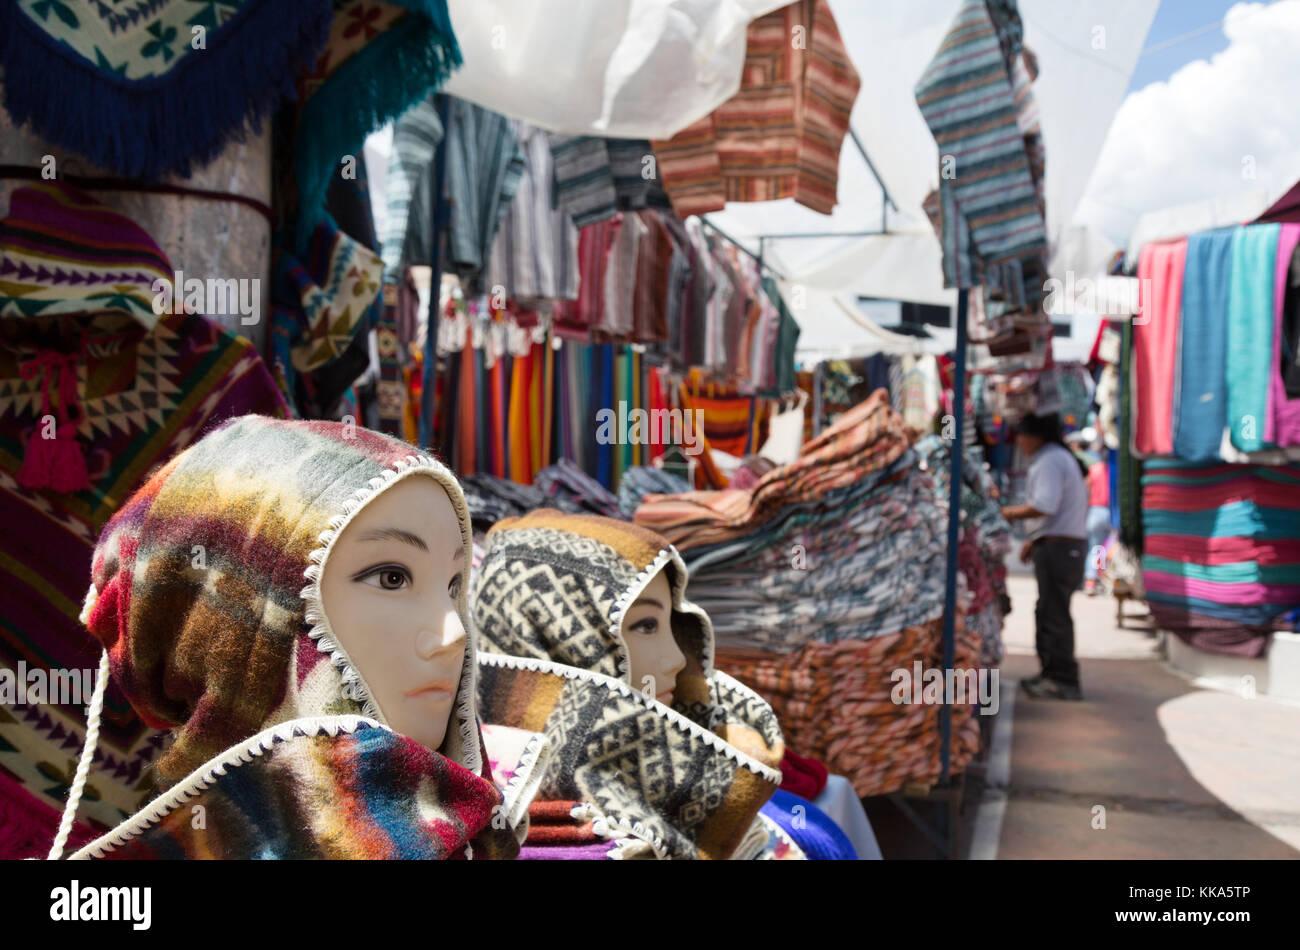 Marché d'Otavalo Équateur, tissus colorés pour la vente dans une échoppe de marché, Photo Stock